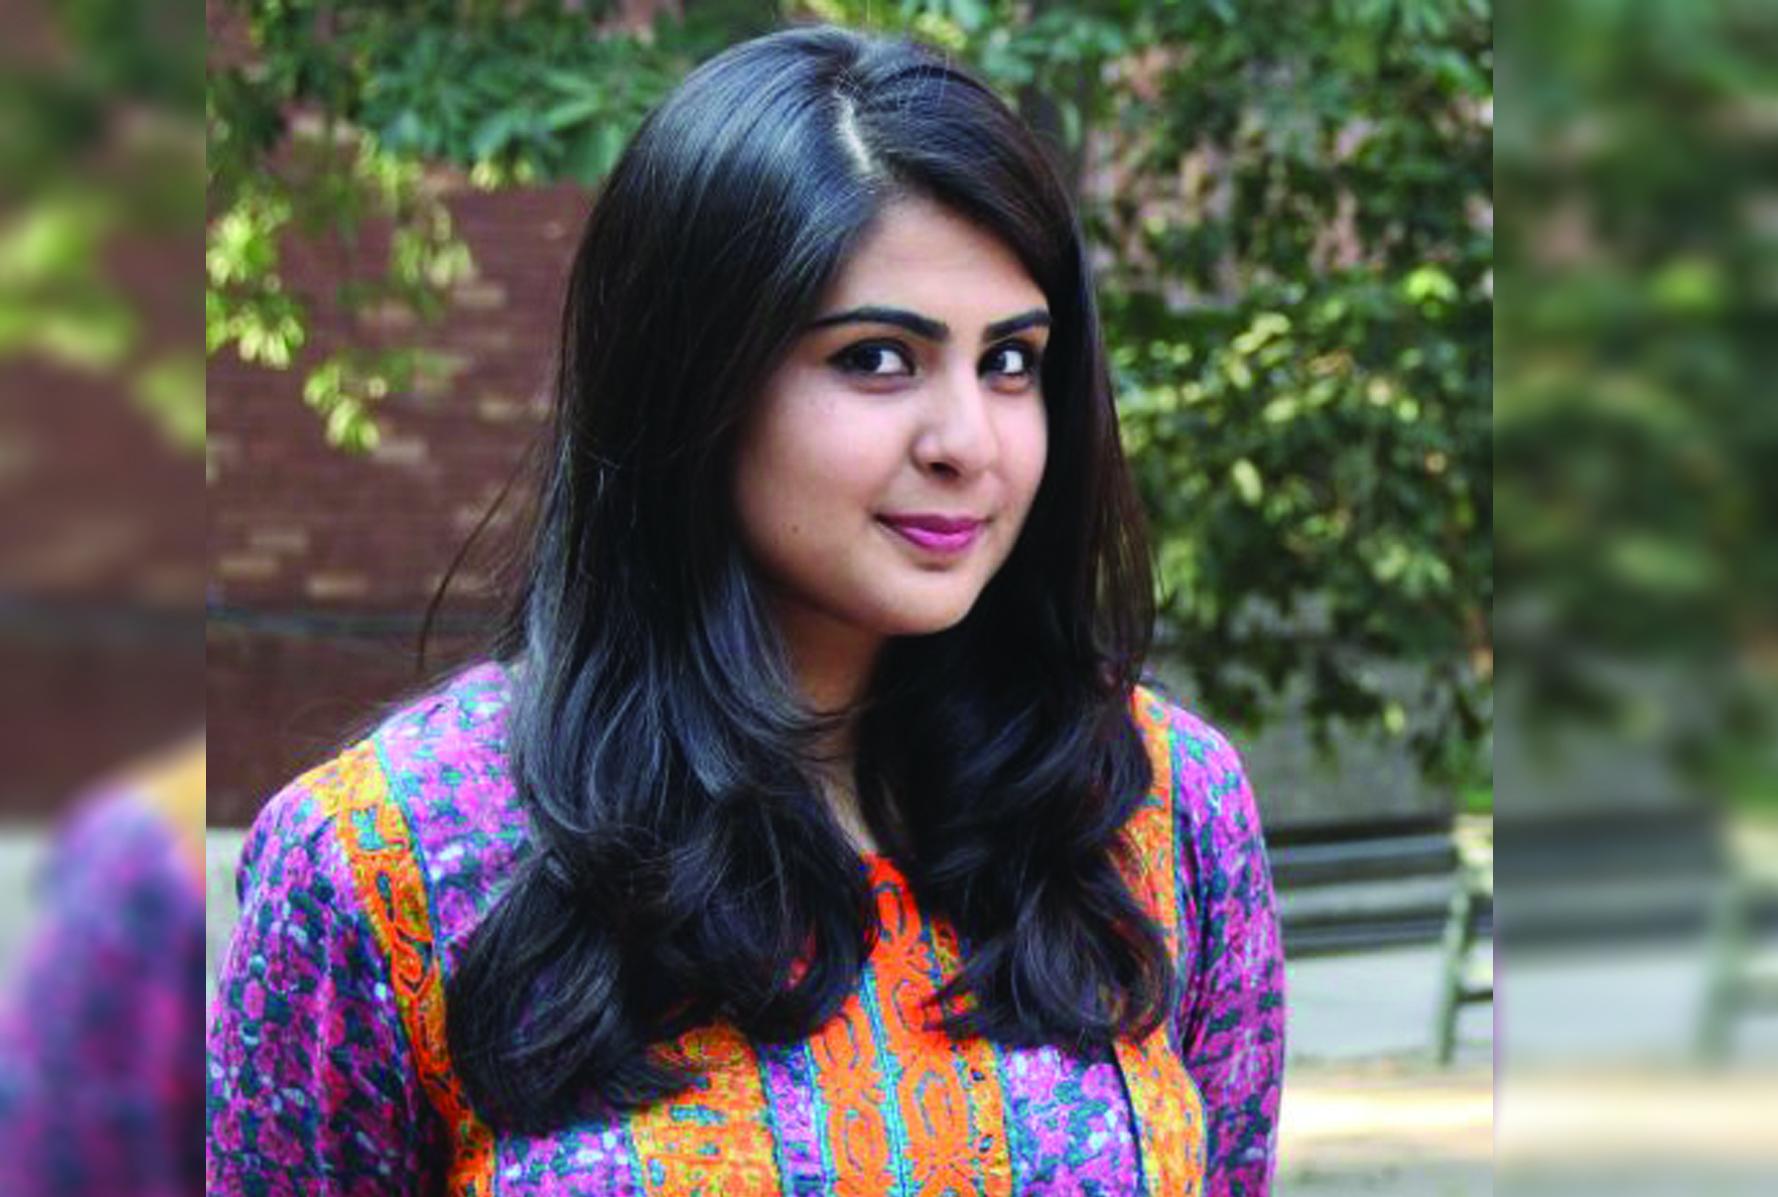 Ms. Risham Waseem